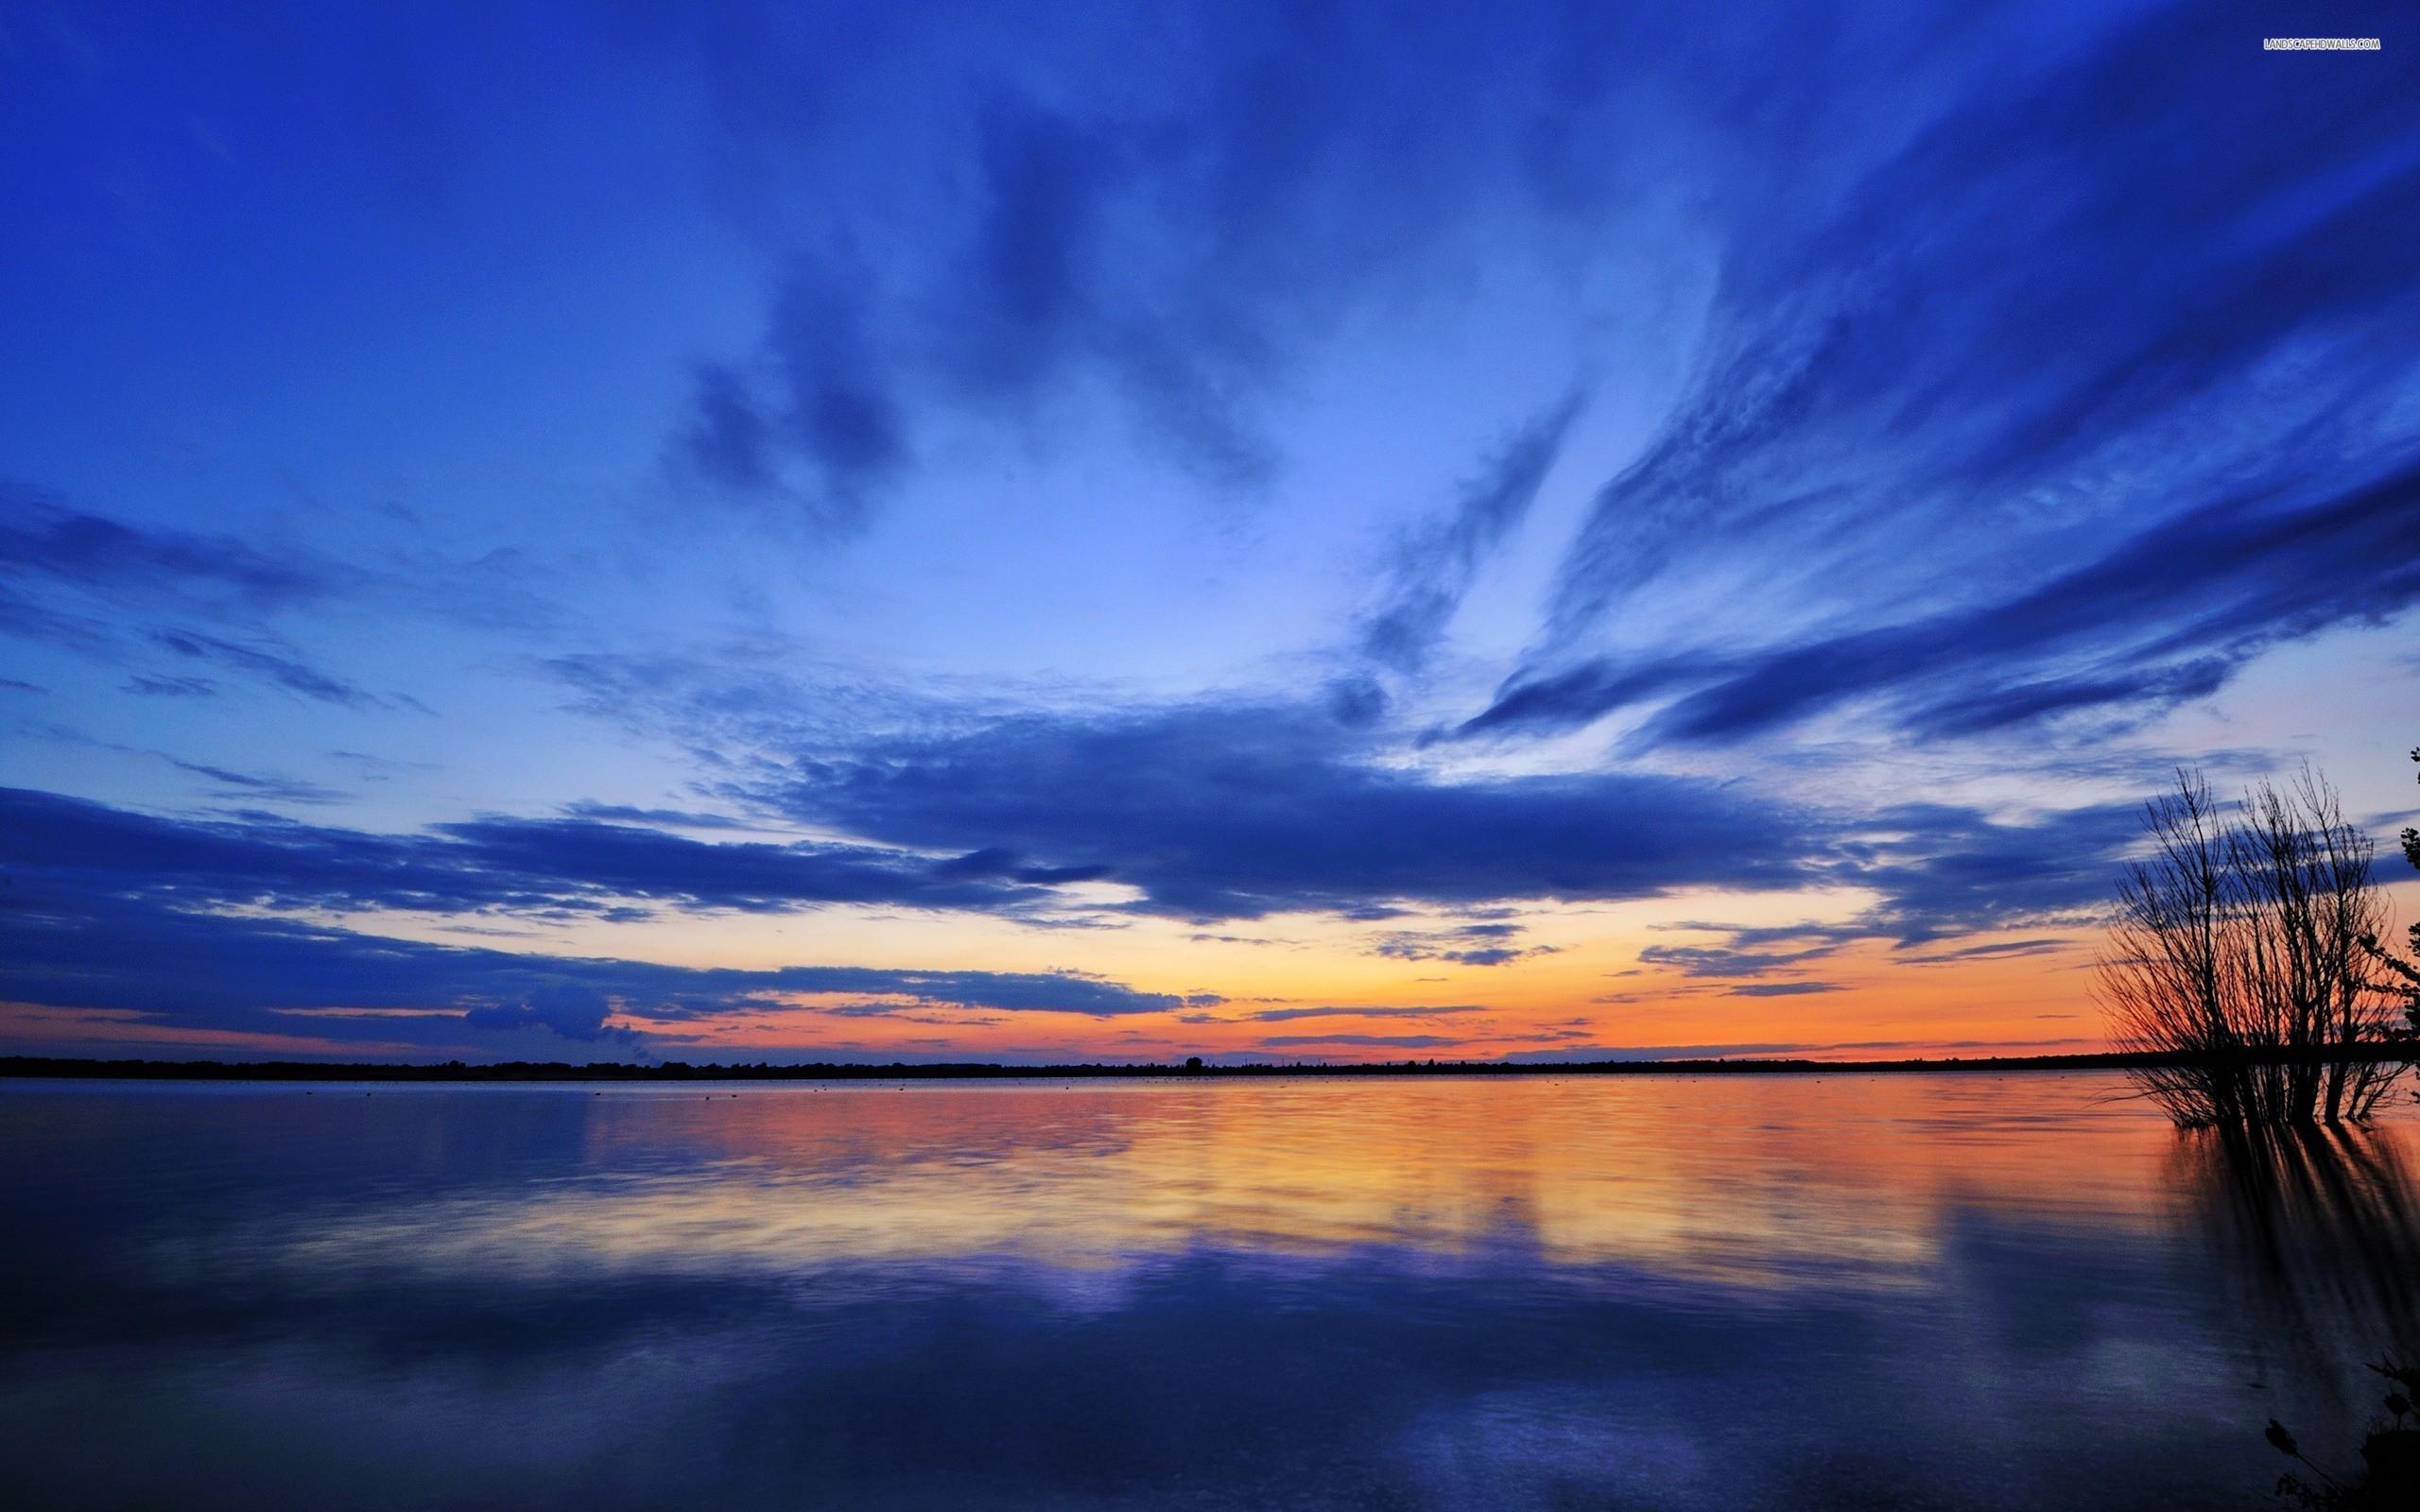 Lake at Dawn wallpaper 2560x1600 Original ...